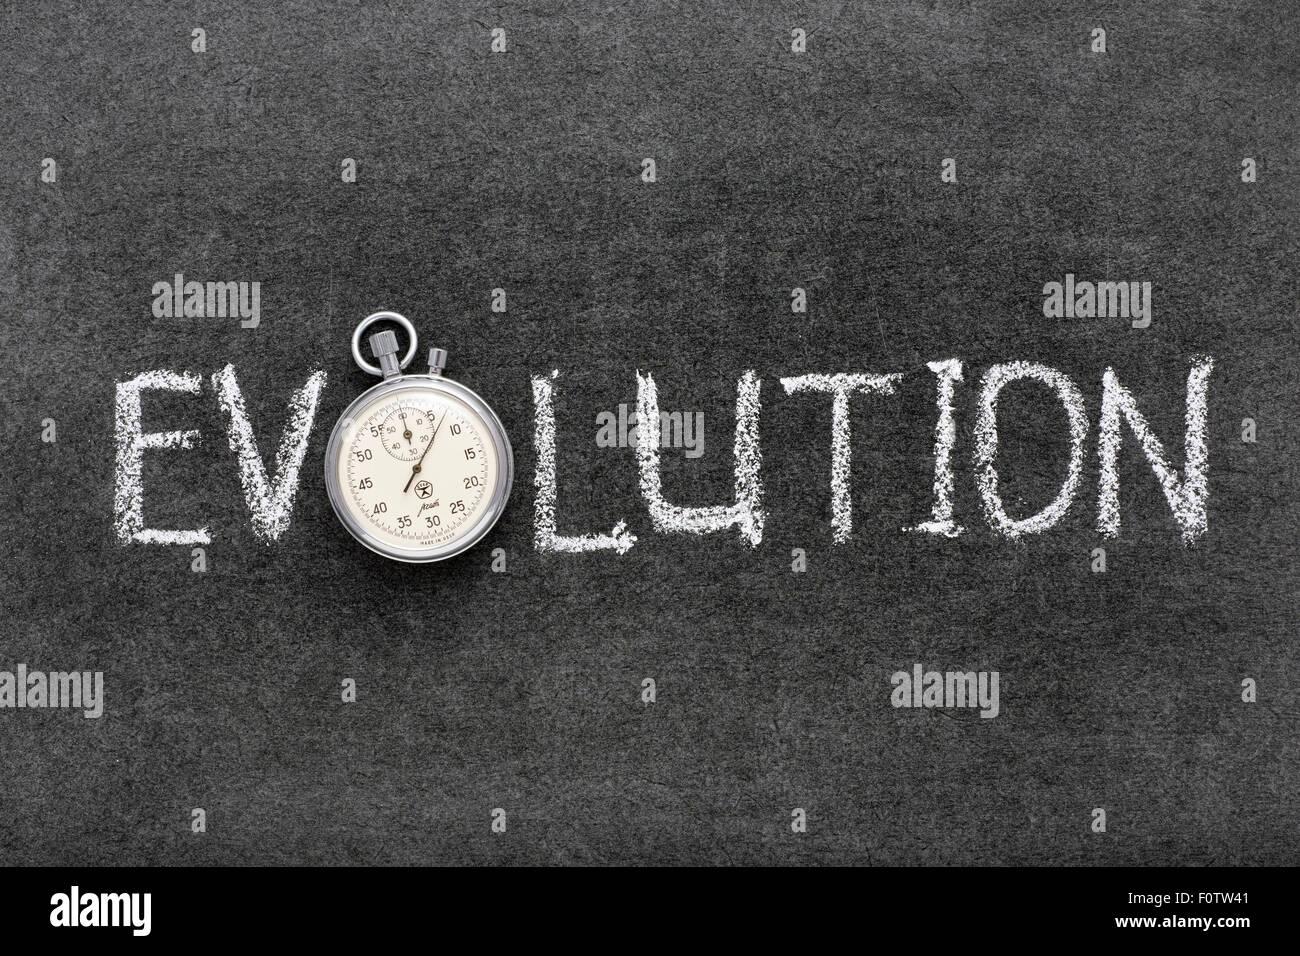 Evolution-Wort handschriftlich auf Tafel mit Vintage präzise Stoppuhr verwendet anstelle von O Stockbild